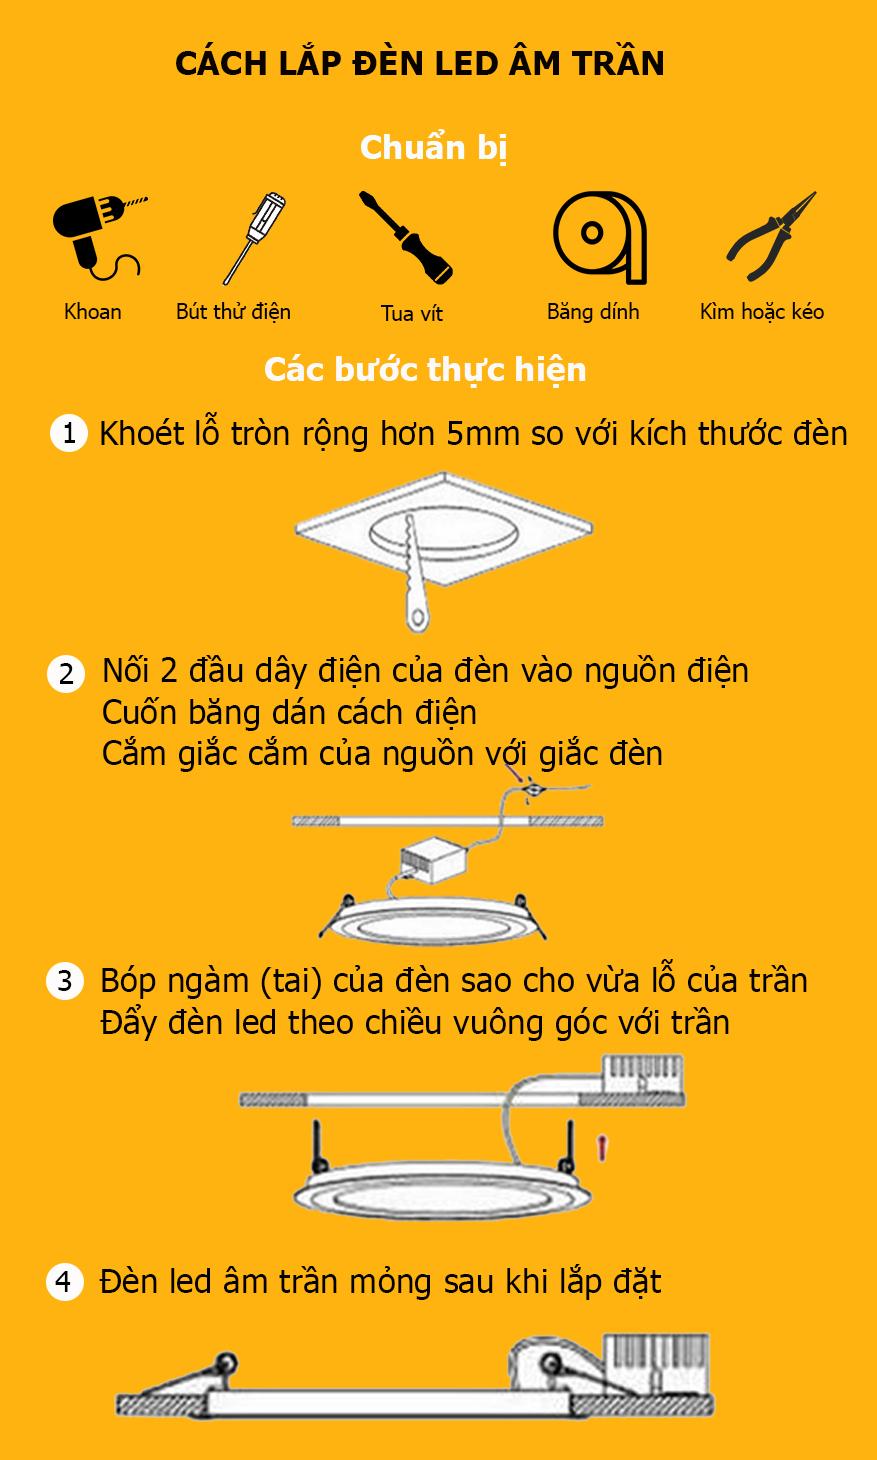 Cách lắp đèn led âm trần